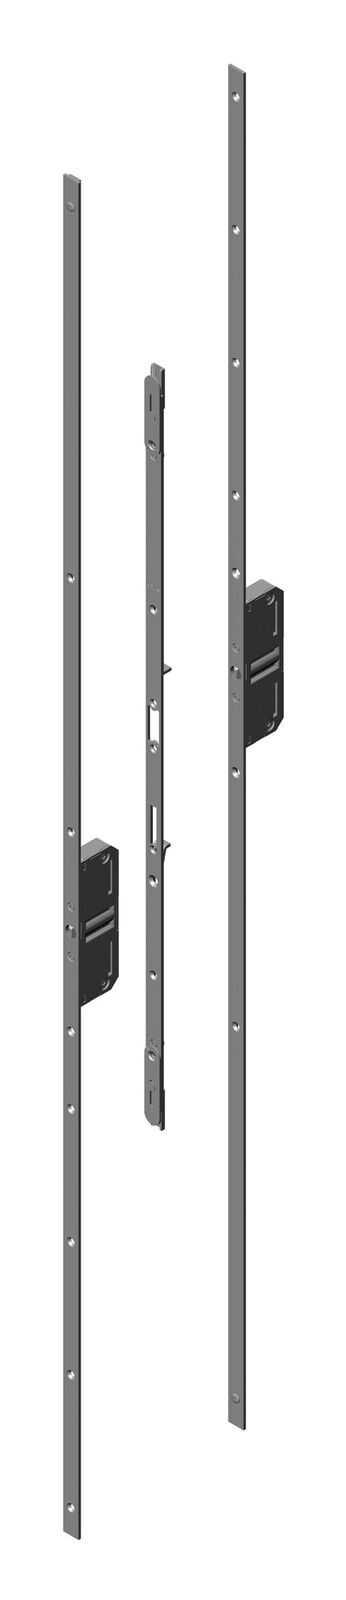 KFV Stulpgarnitur-Set 20kt    Ein Gleichgewicht zwischen Zähigkeit und Härte    Lass unsere Waren in die Welt gehen    Stabile Qualität    Kaufen Sie online